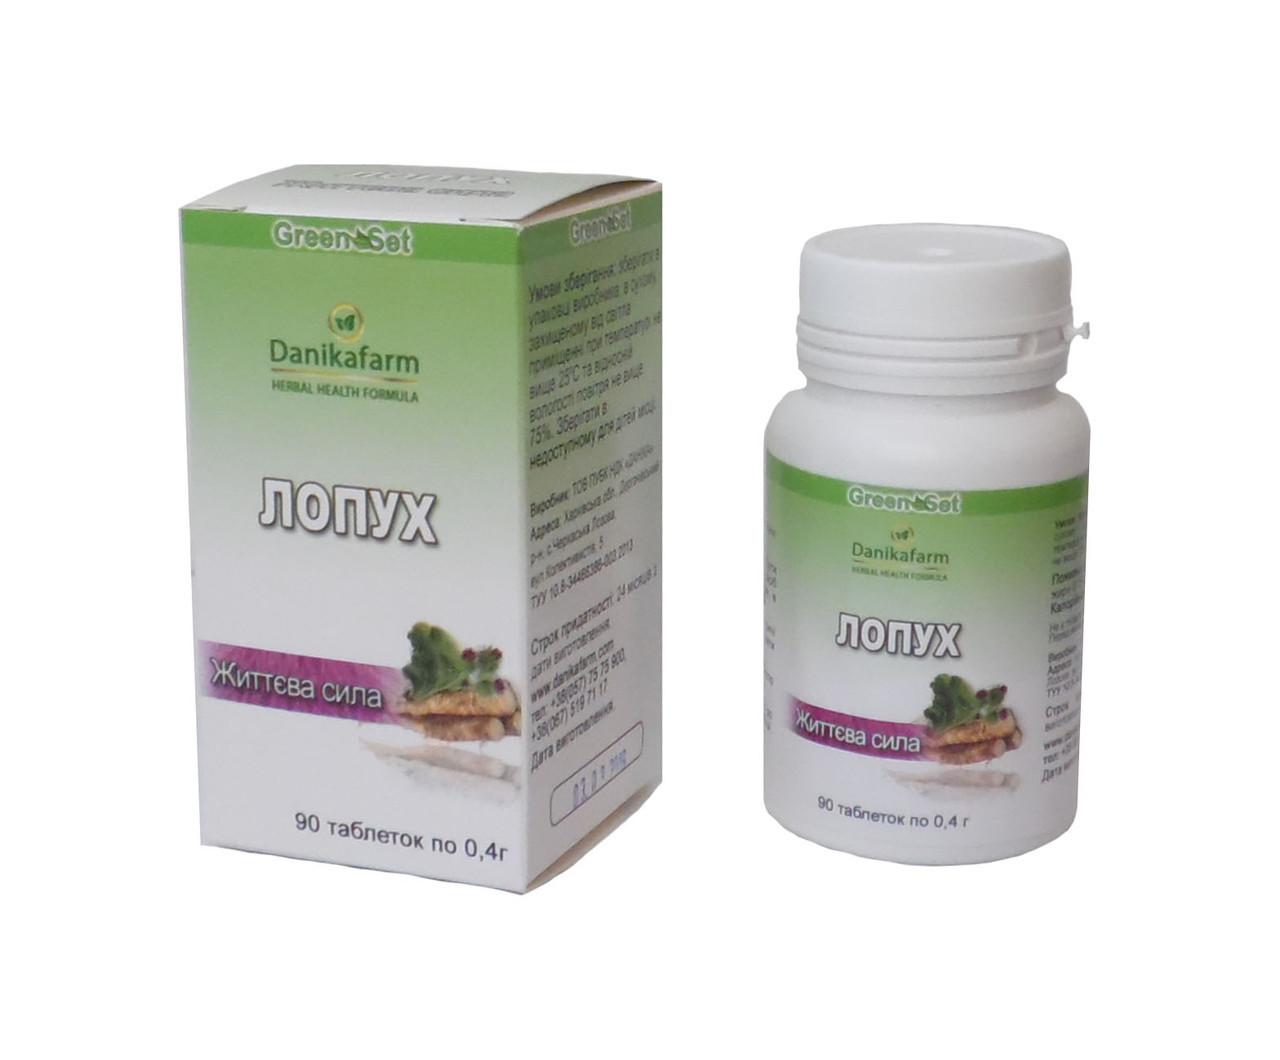 БАД Корень лопуха корректор обмена веществ 90 таблеток Даникафарм